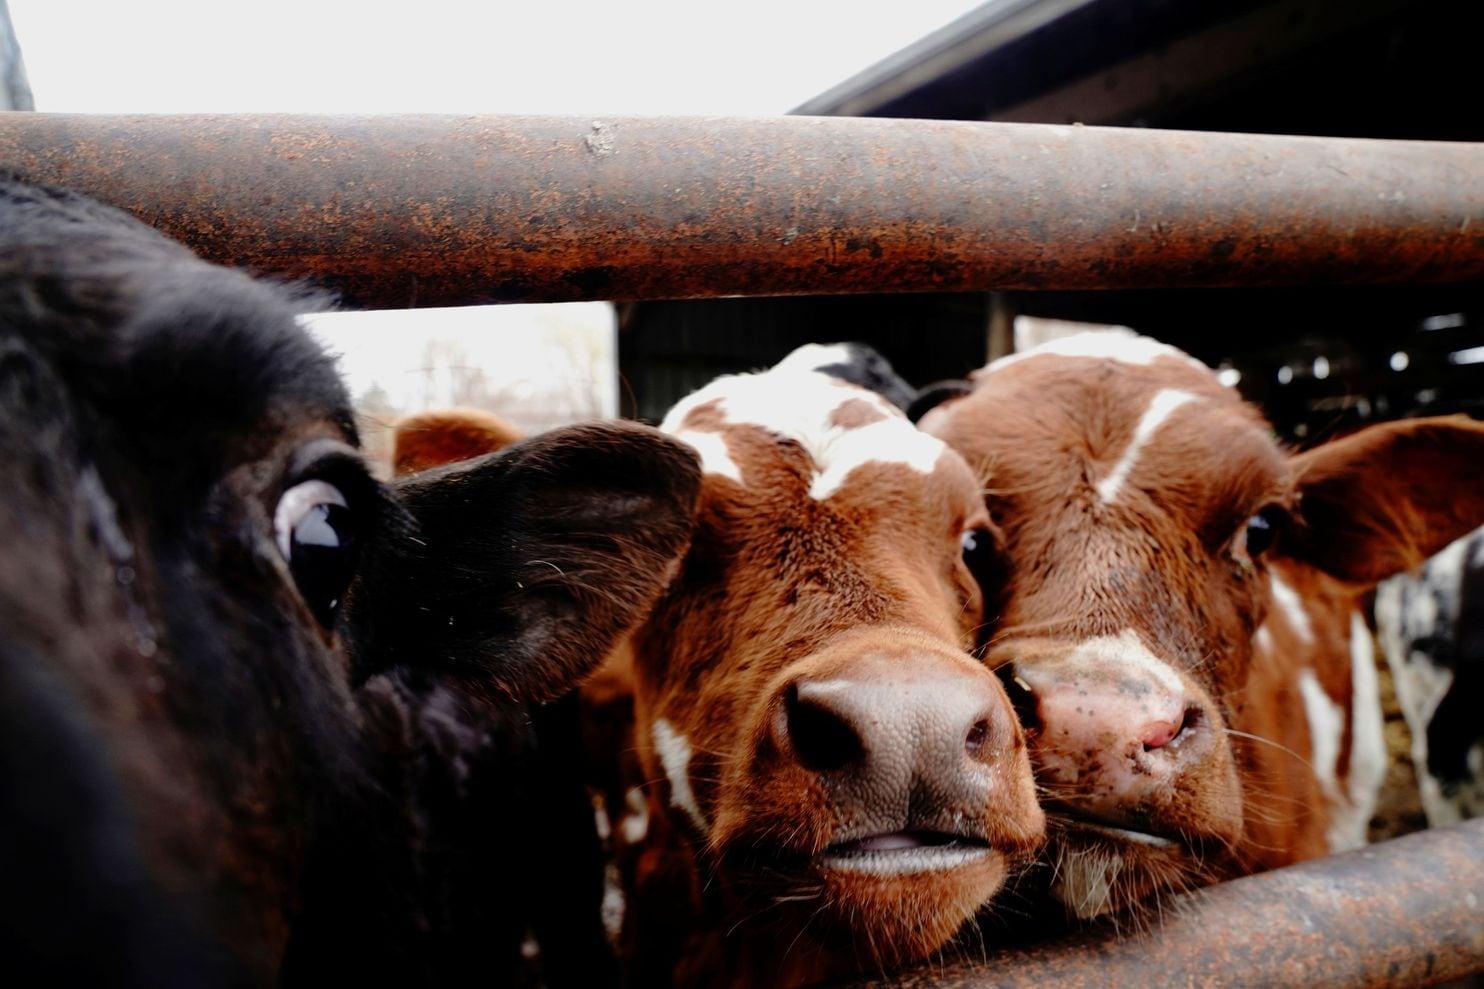 Οι αγελάδες τρώγοντας το θαλάσσιο φυτό μειώνουν την εκπομπή μεθανίου από την στοματική του κοιλότητα.